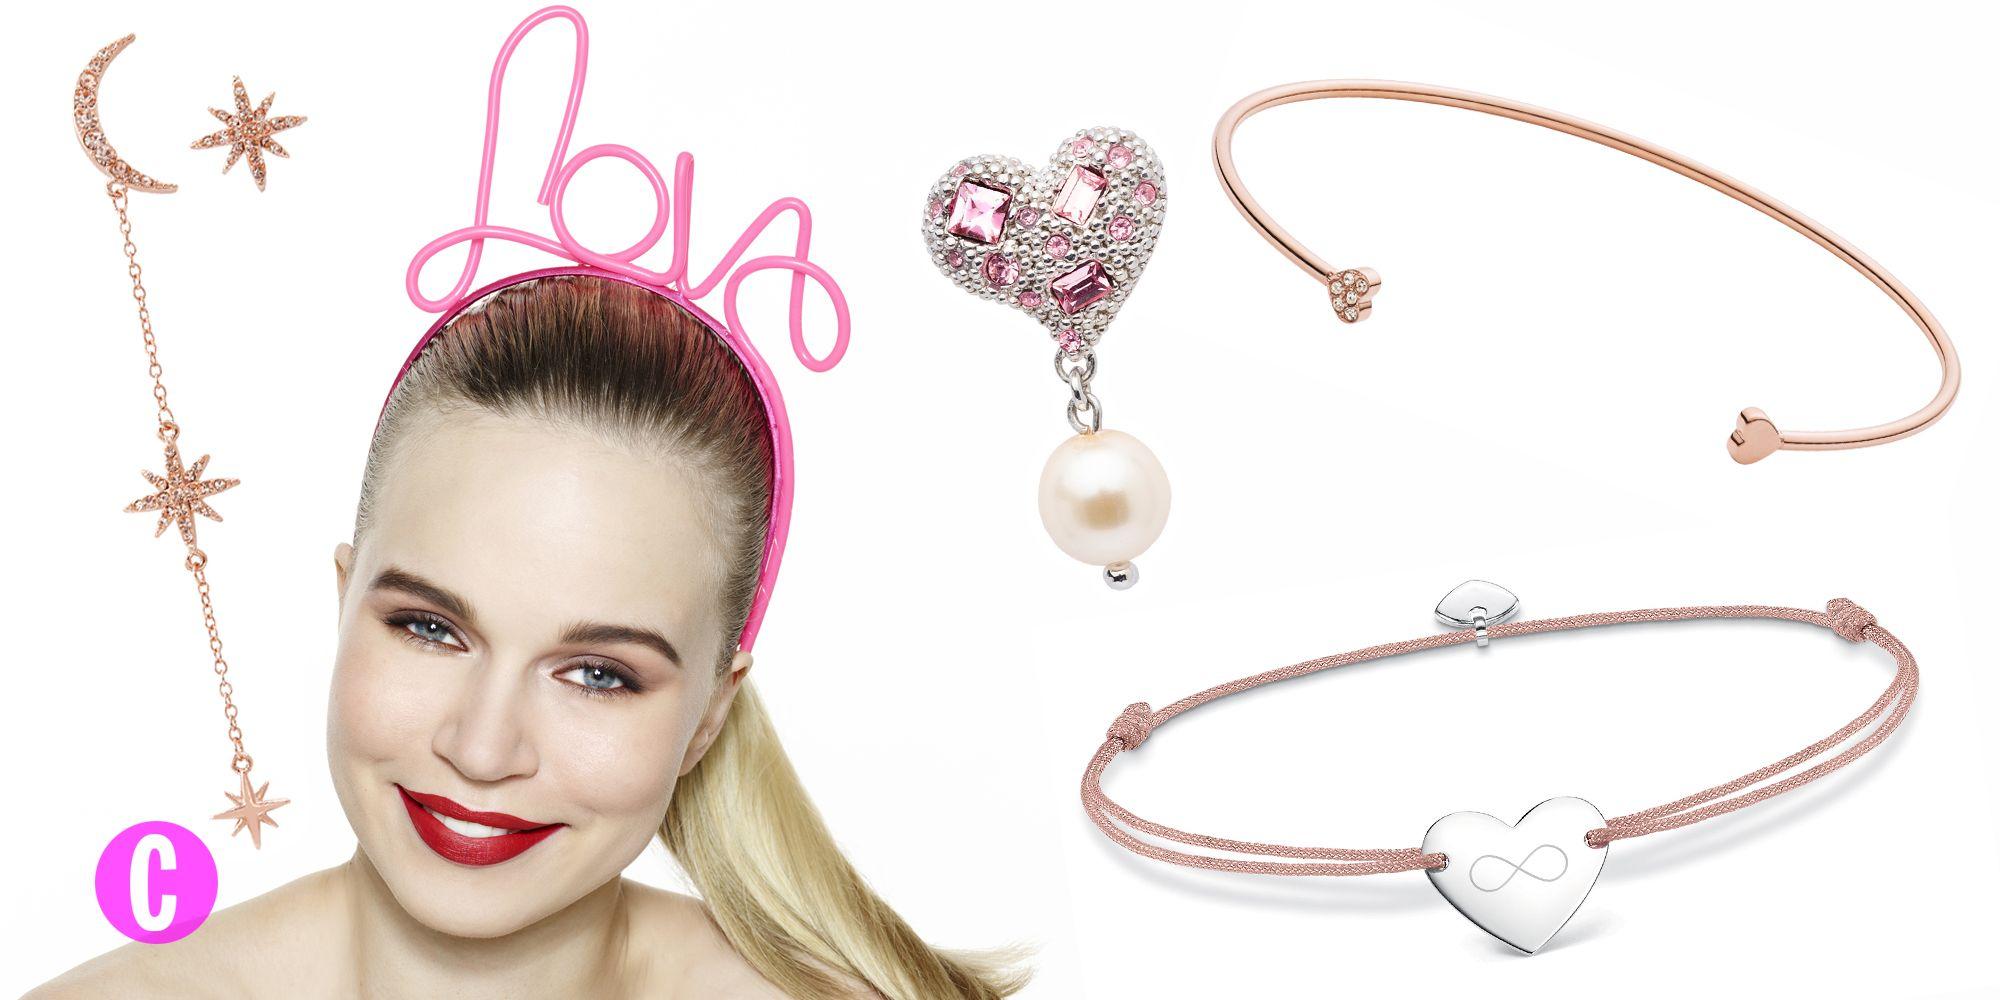 fornitore ufficiale gamma esclusiva eccezionale gamma di stili e colori San Valentino: i gioielli d'amore sono orecchini e bracciali